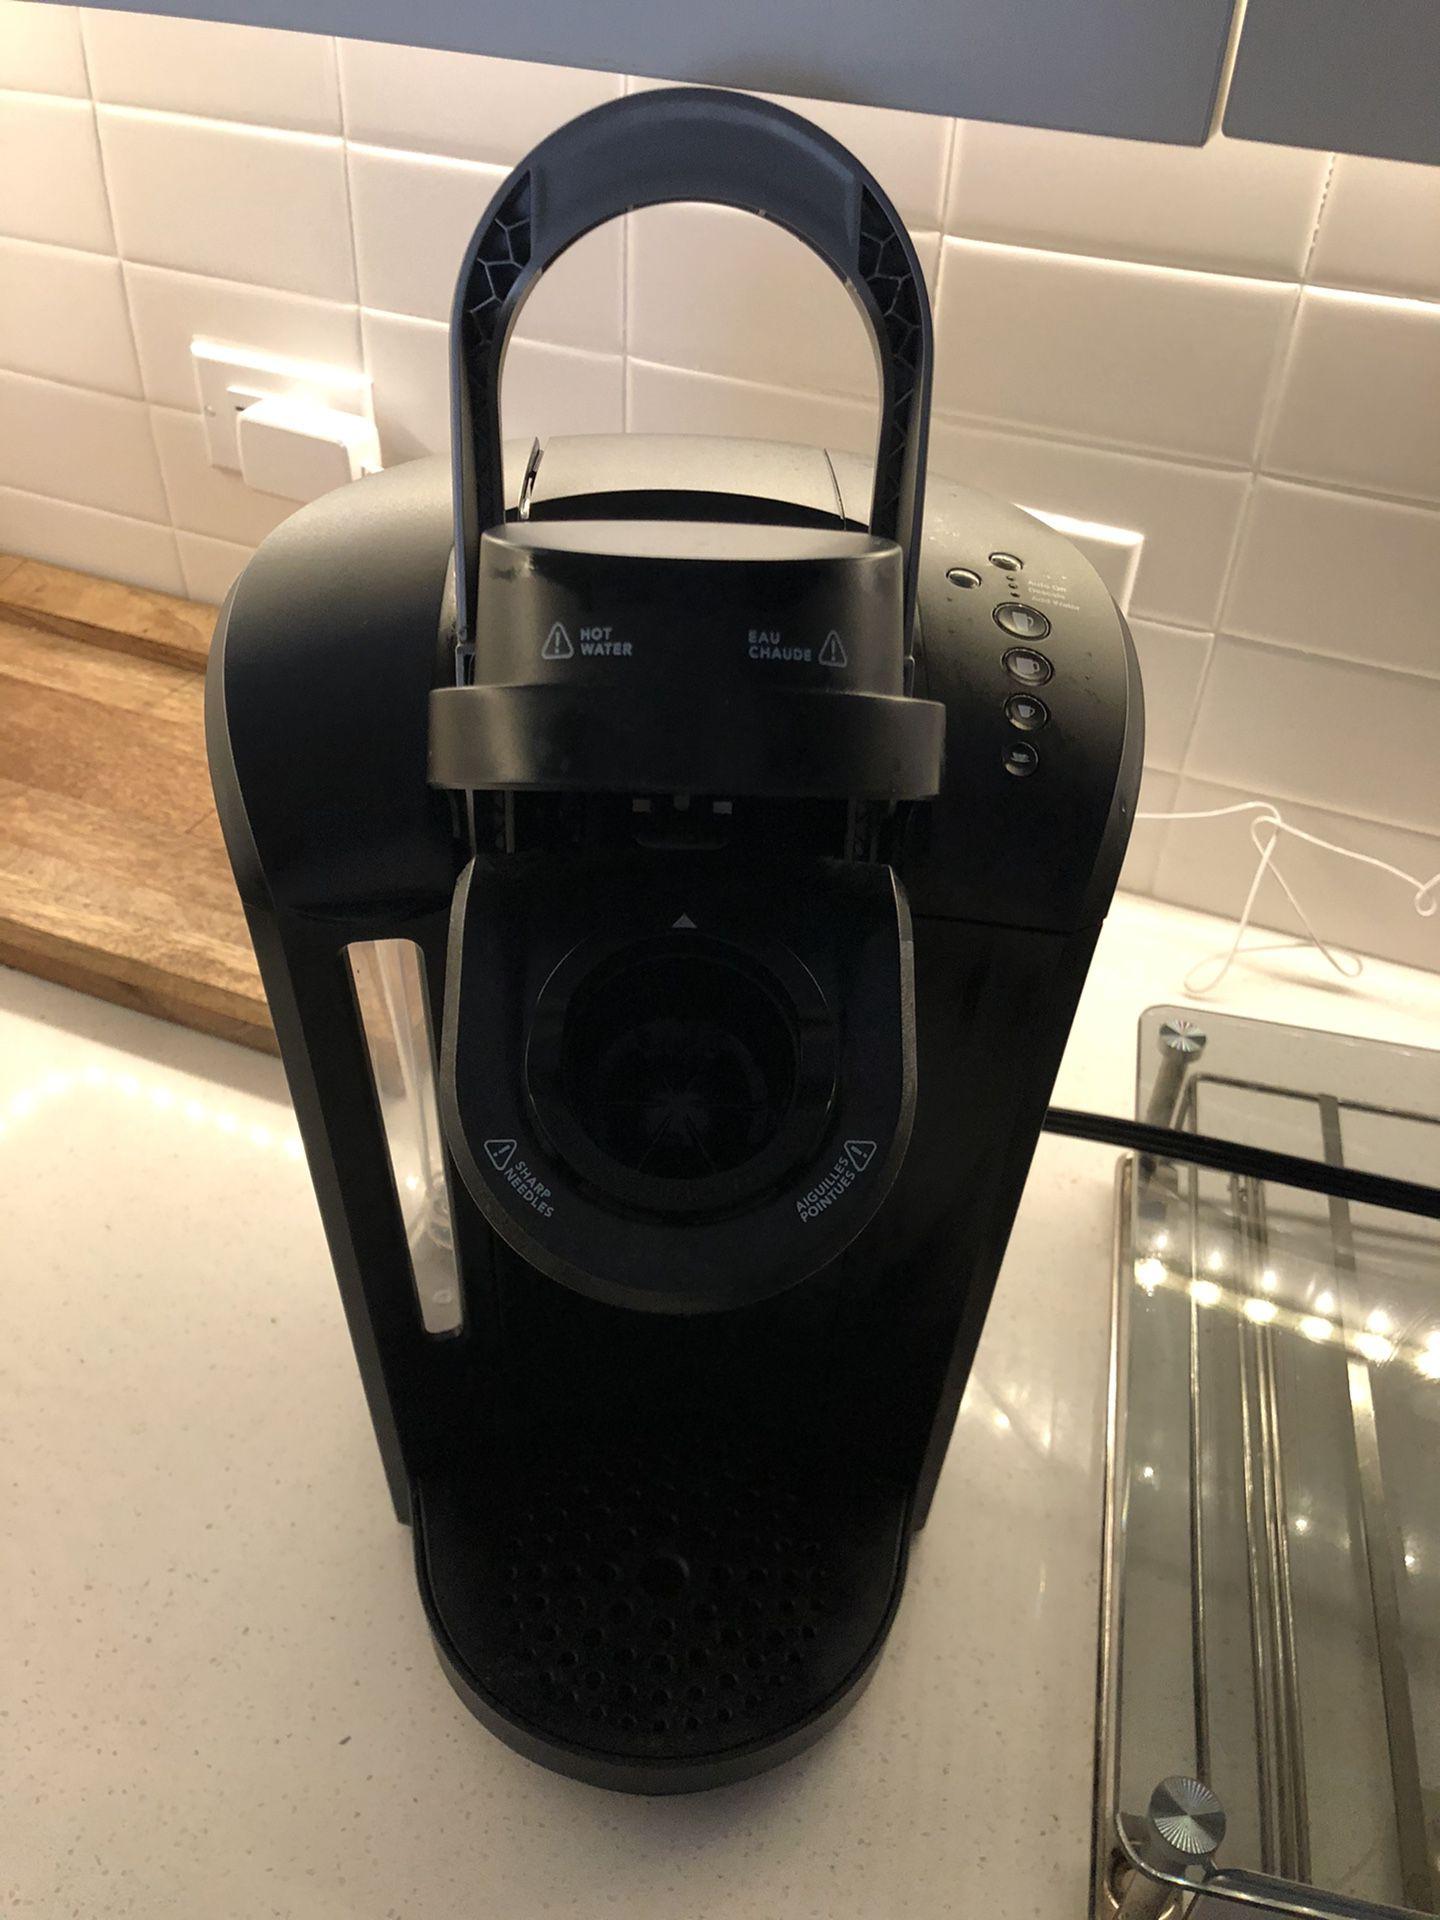 Keurig and coffee holder